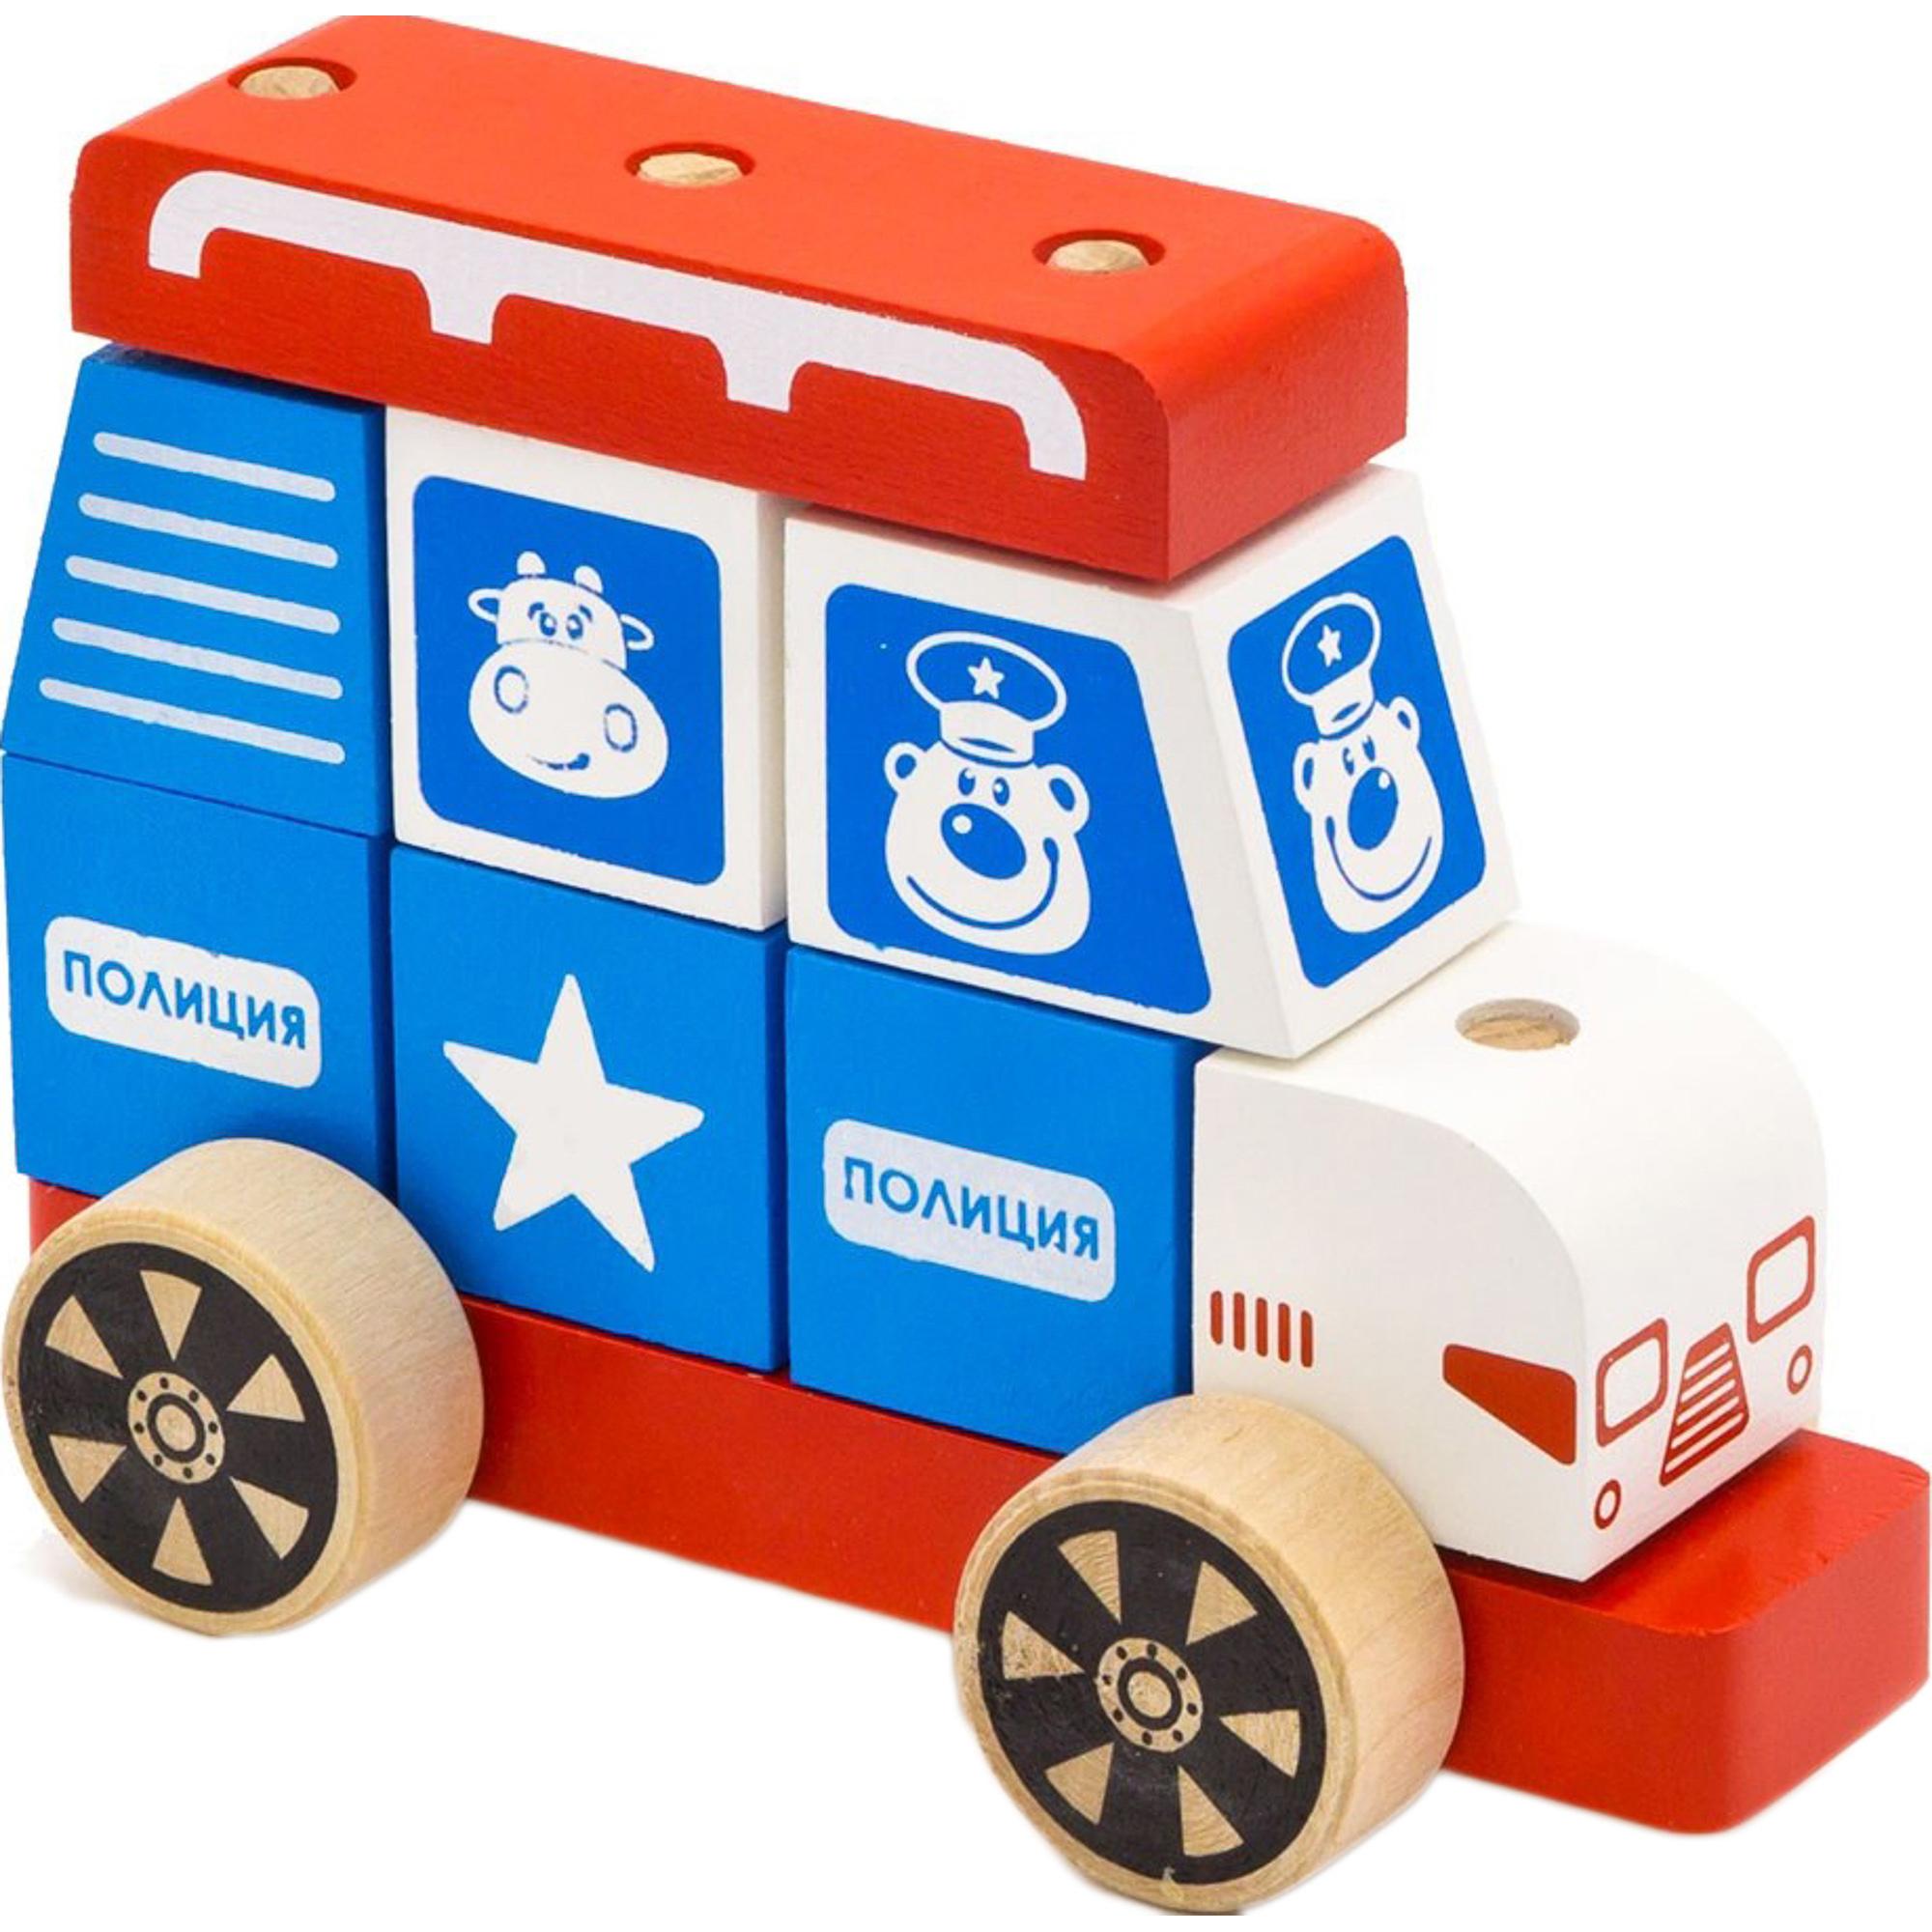 Купить Конструктор Alatoys каталка Полицейская машина большая, Россия, дерево, для мальчиков, Конструкторы, пазлы